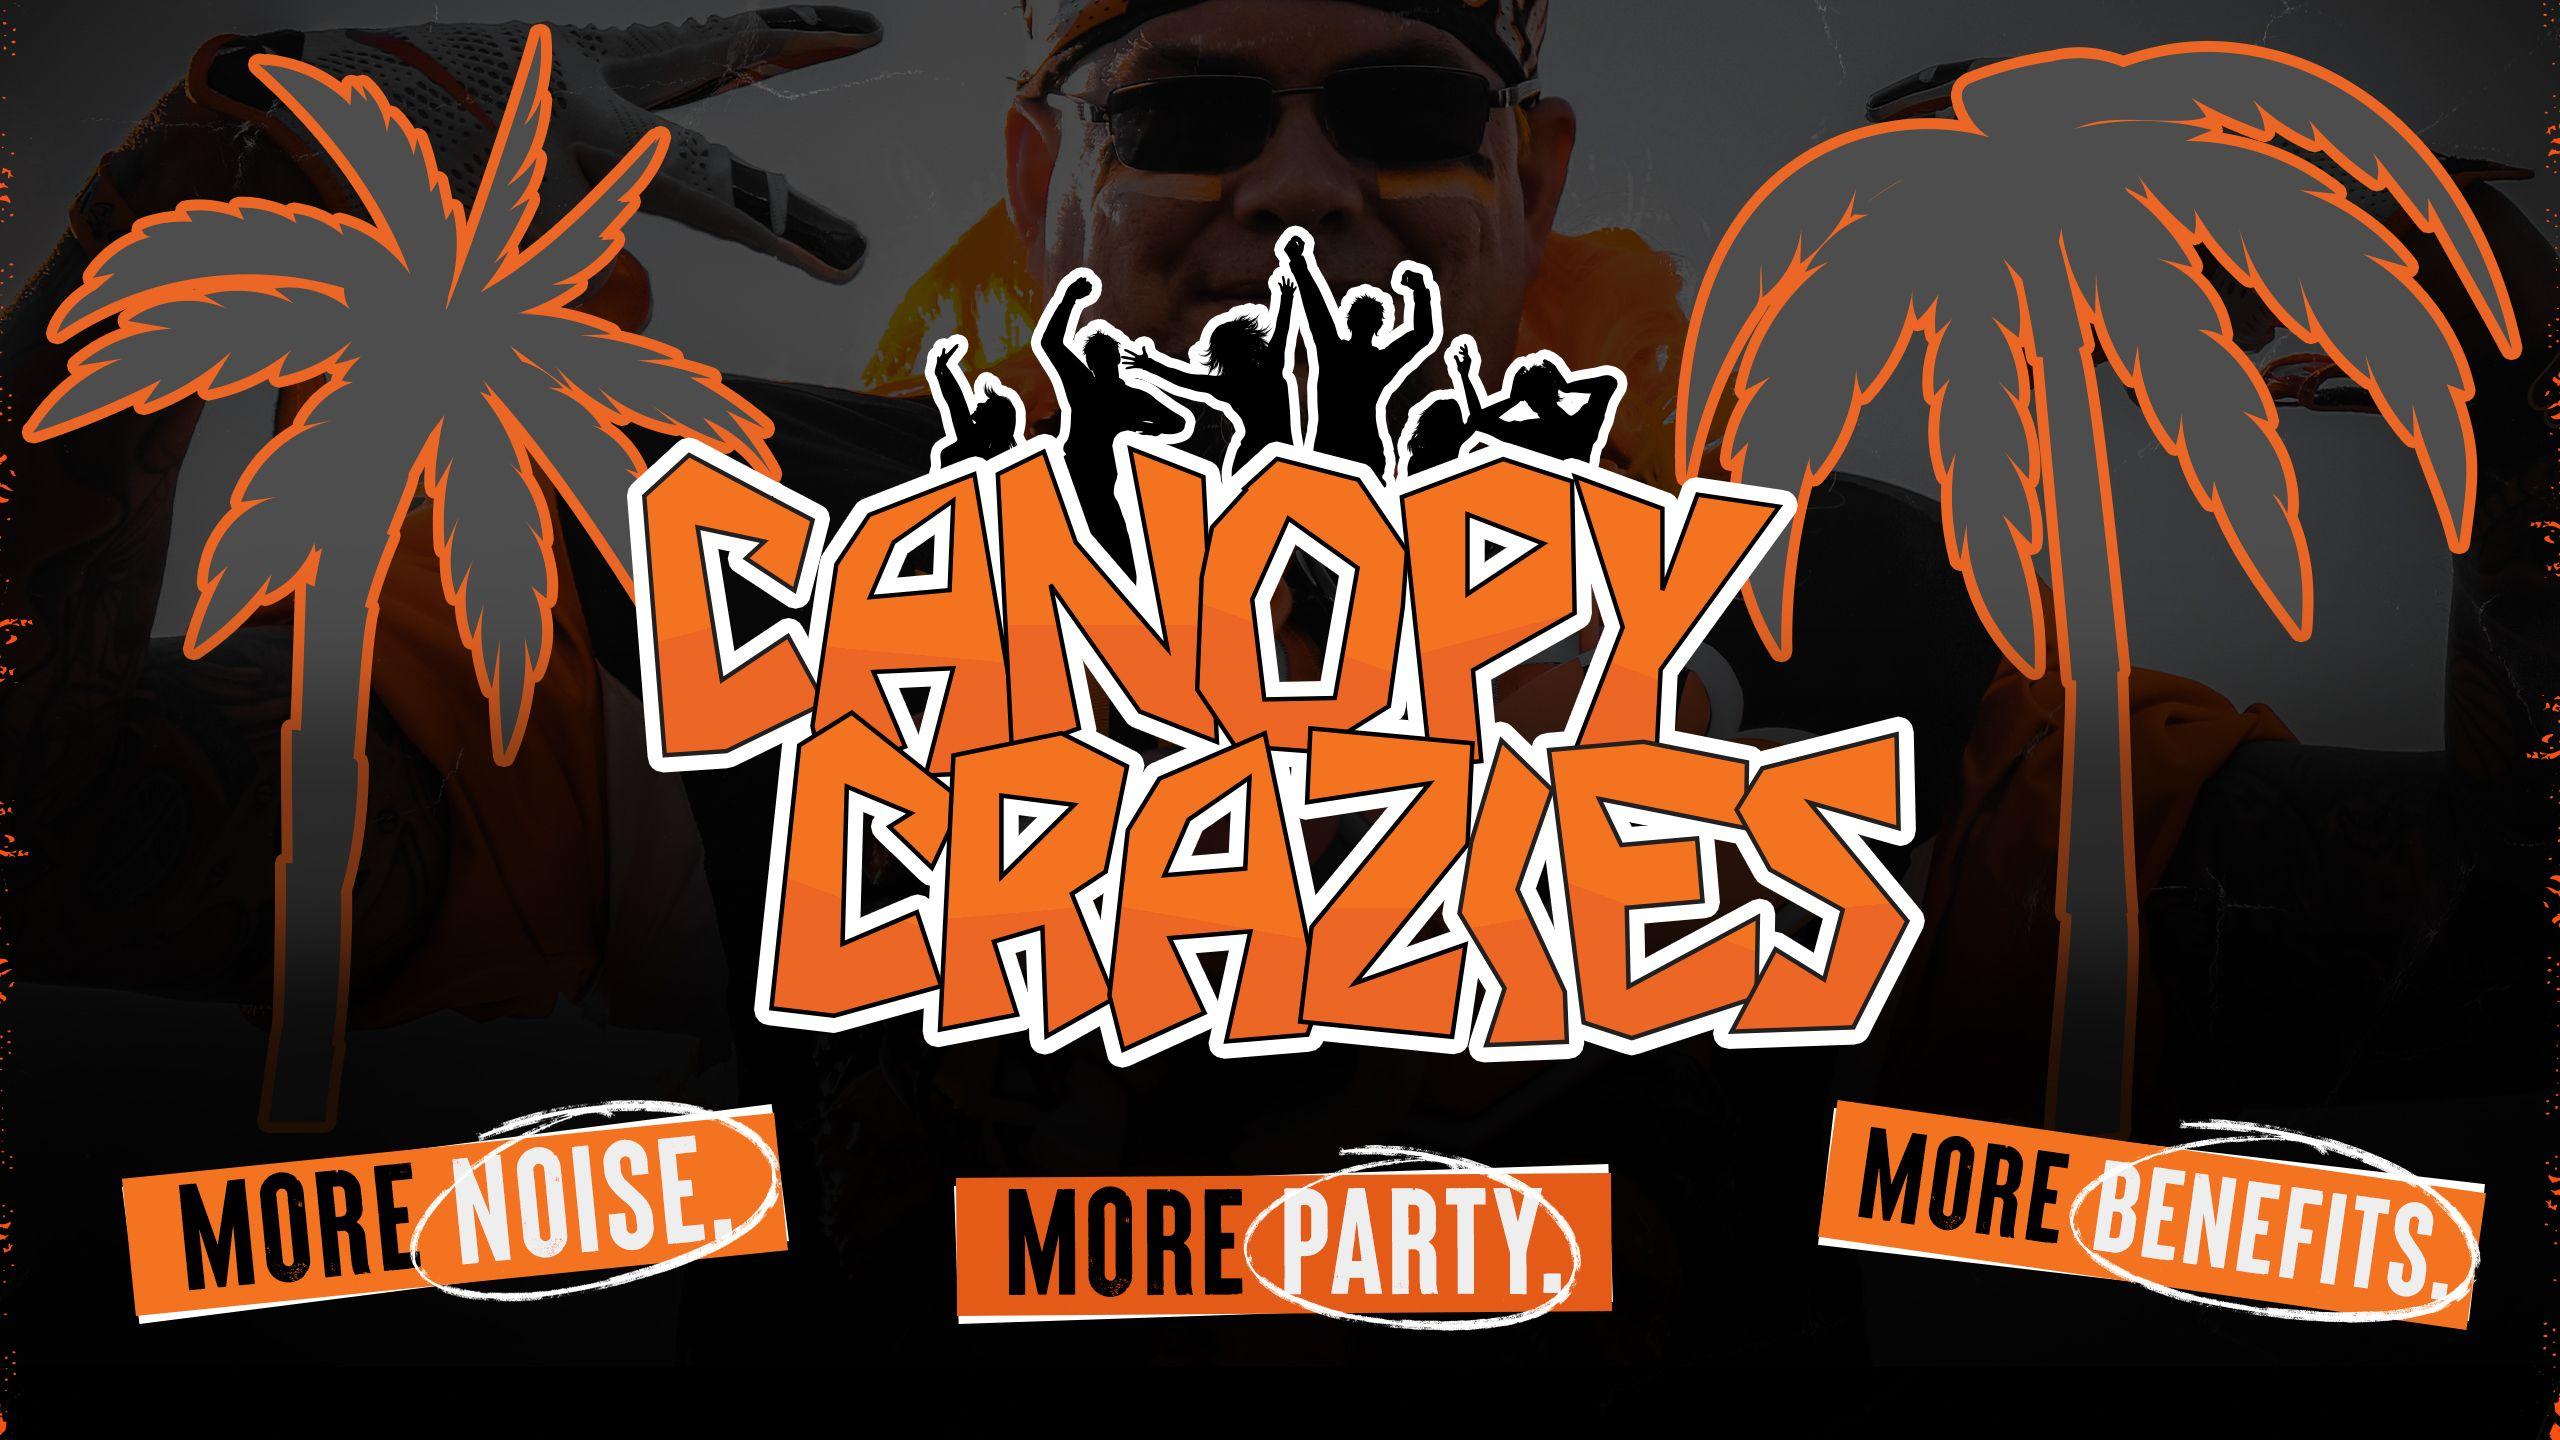 Canopy Crazies